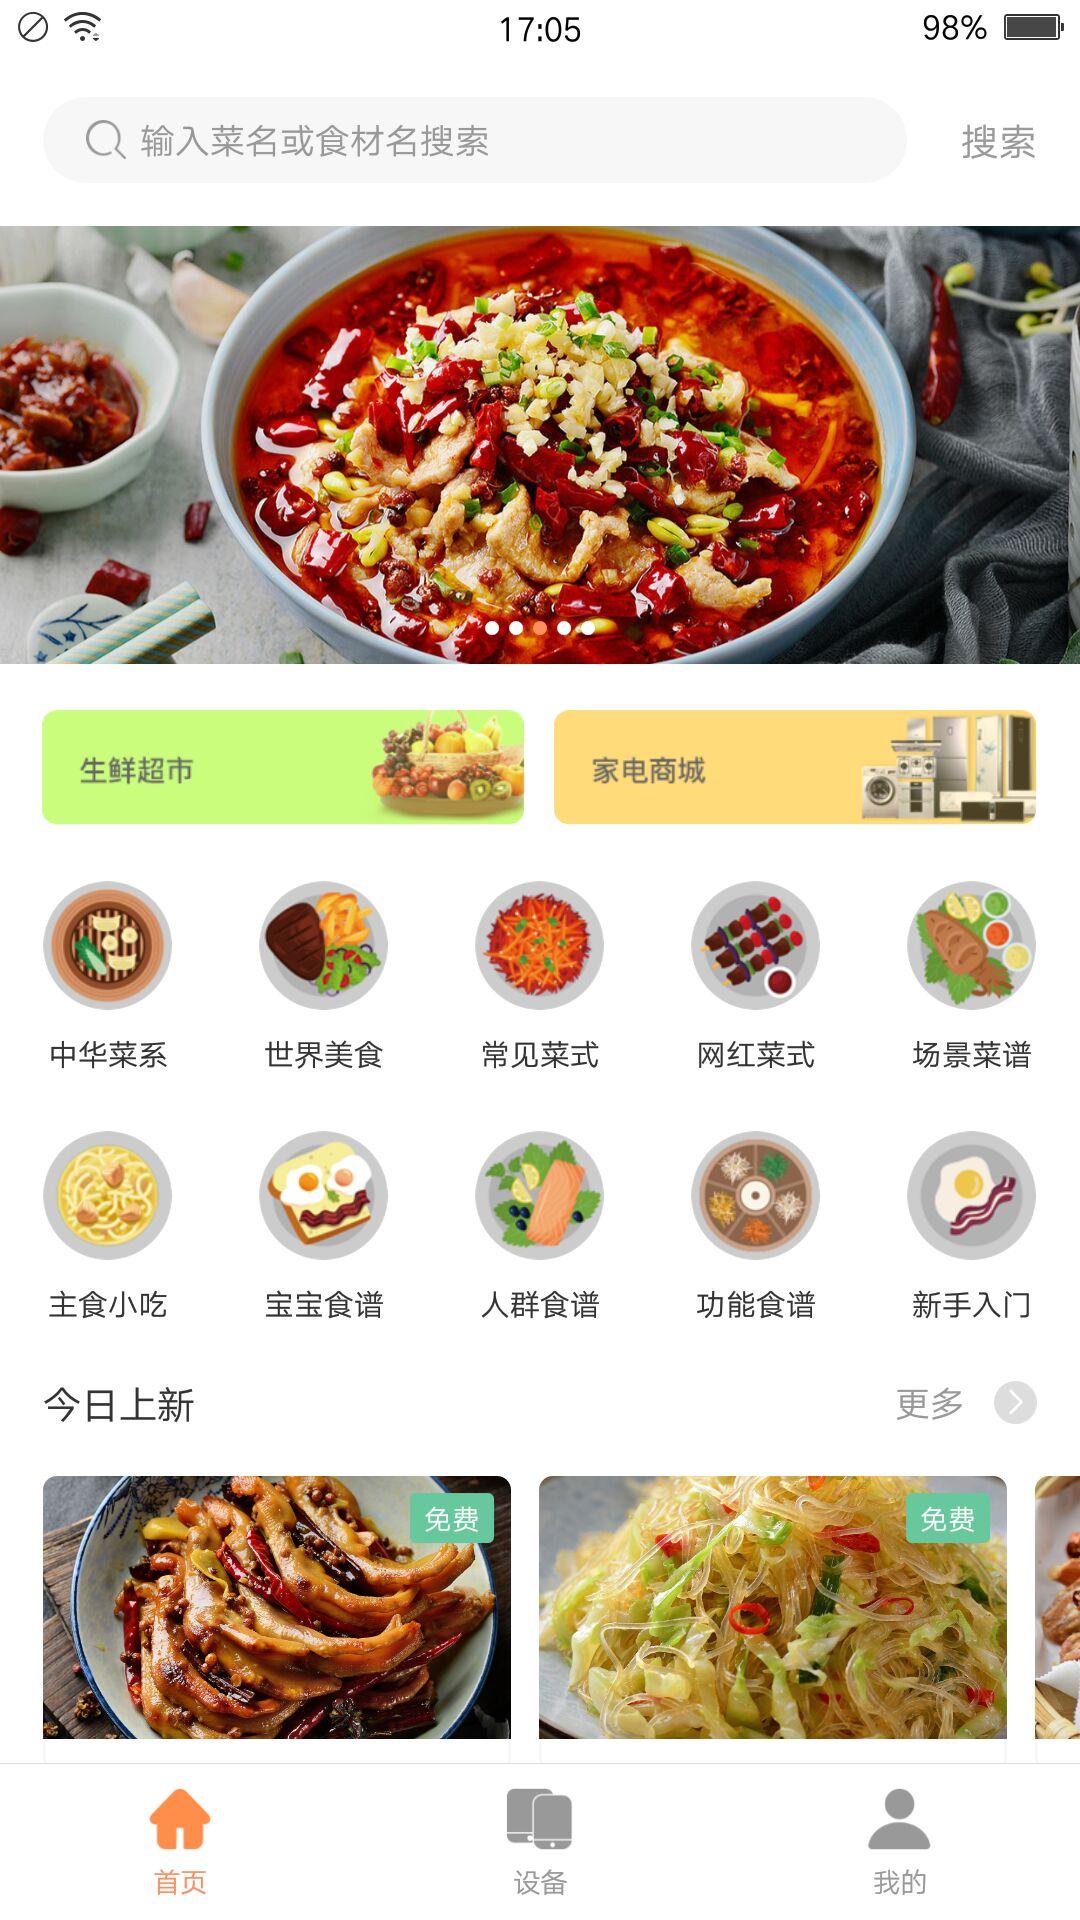 掌厨智能菜谱 V1.1.6 安卓版截图1